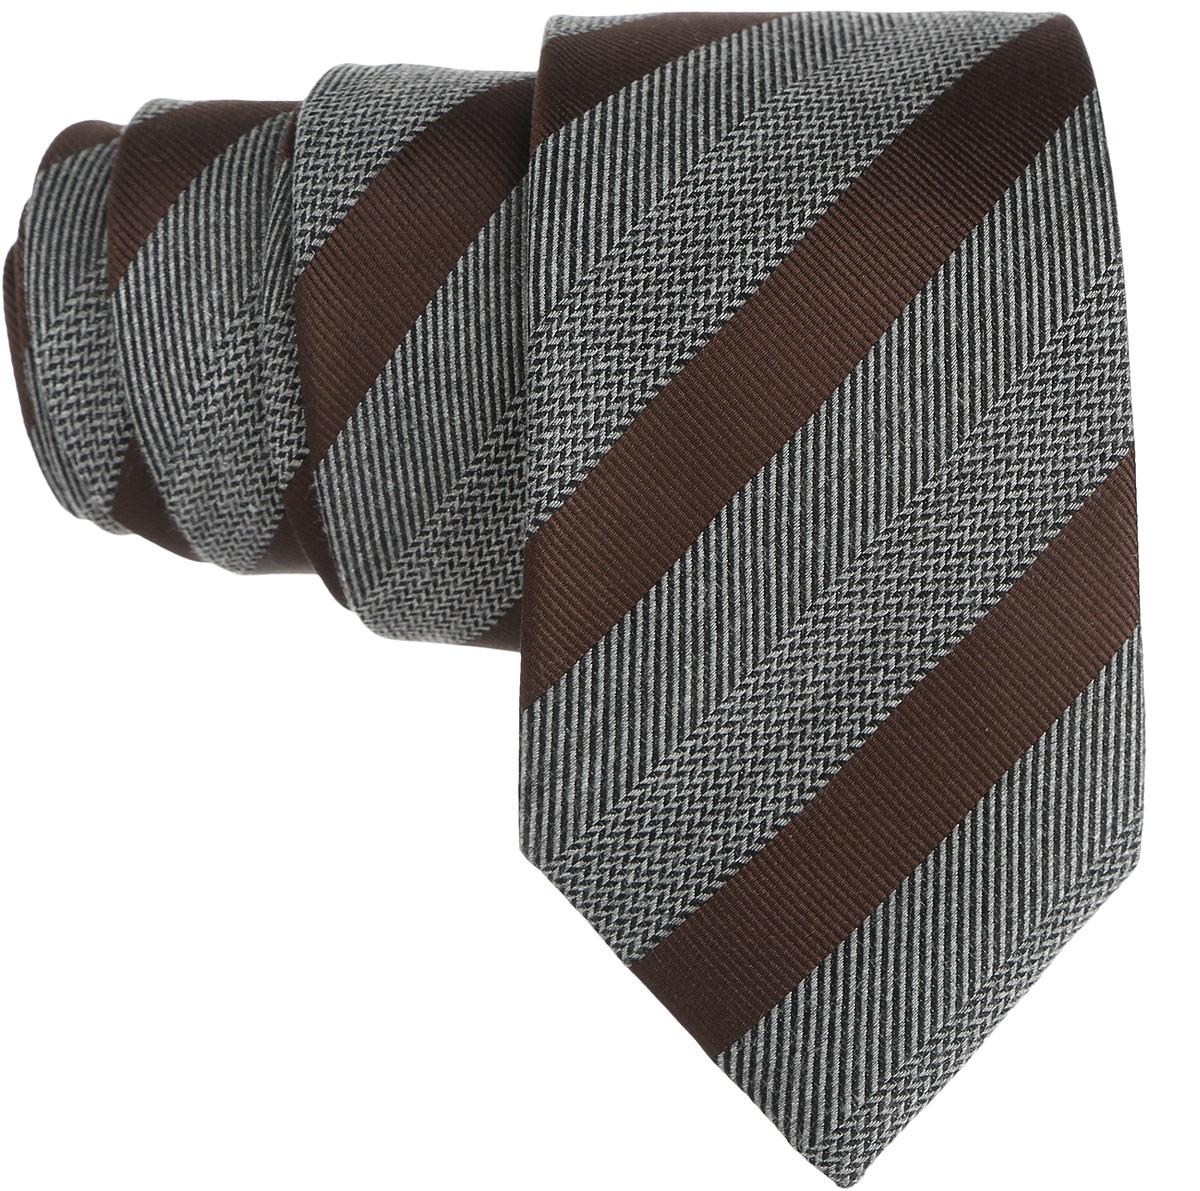 Галстук. 12.01516012.015160Стильный галстук BTC станет отличным завершающим штрихом вашего образа. Этот модный аксессуар порадует вас высоким качеством исполнения и современным дизайном. Изделие полностью выполнено из качественного шелка. Галстук оформлен оригинальным принтом. Такой оригинальный галстук подойдет как к повседневному, так и к официальному наряду, он позволит вам подчеркнуть свою индивидуальность и создать свой неповторимый стиль.